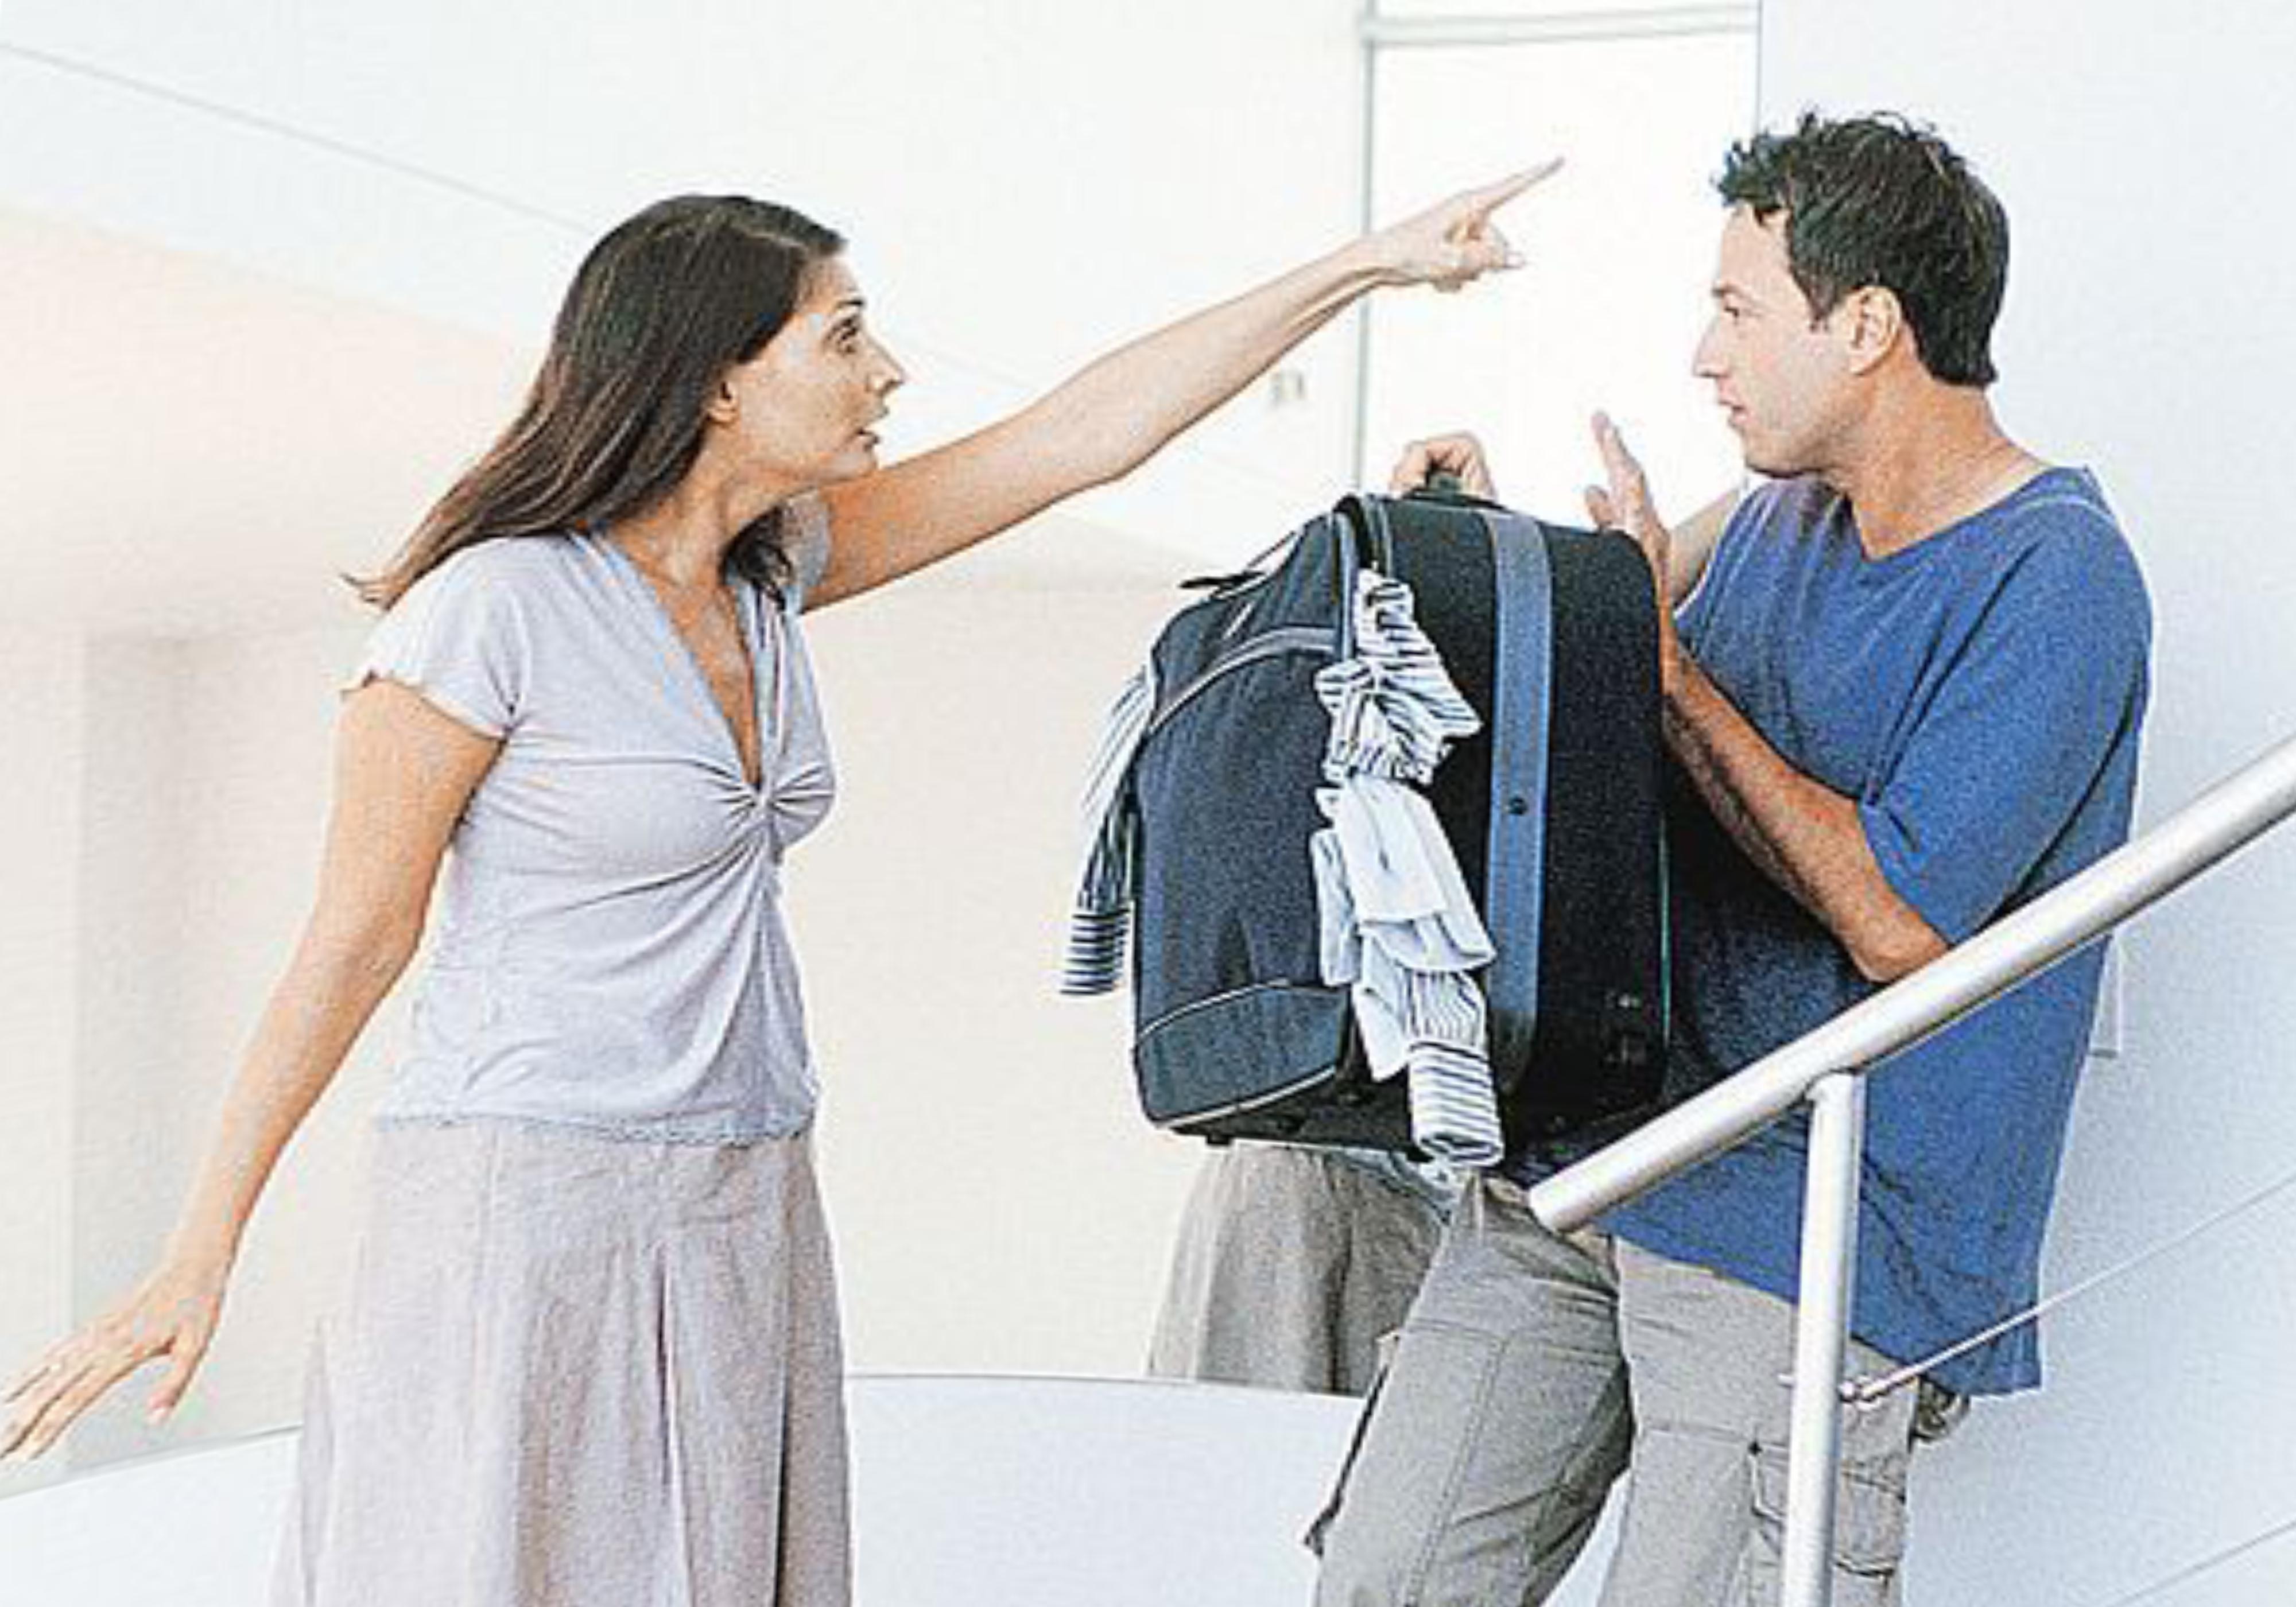 Как выселить человека из квартиры если он в ней прописан